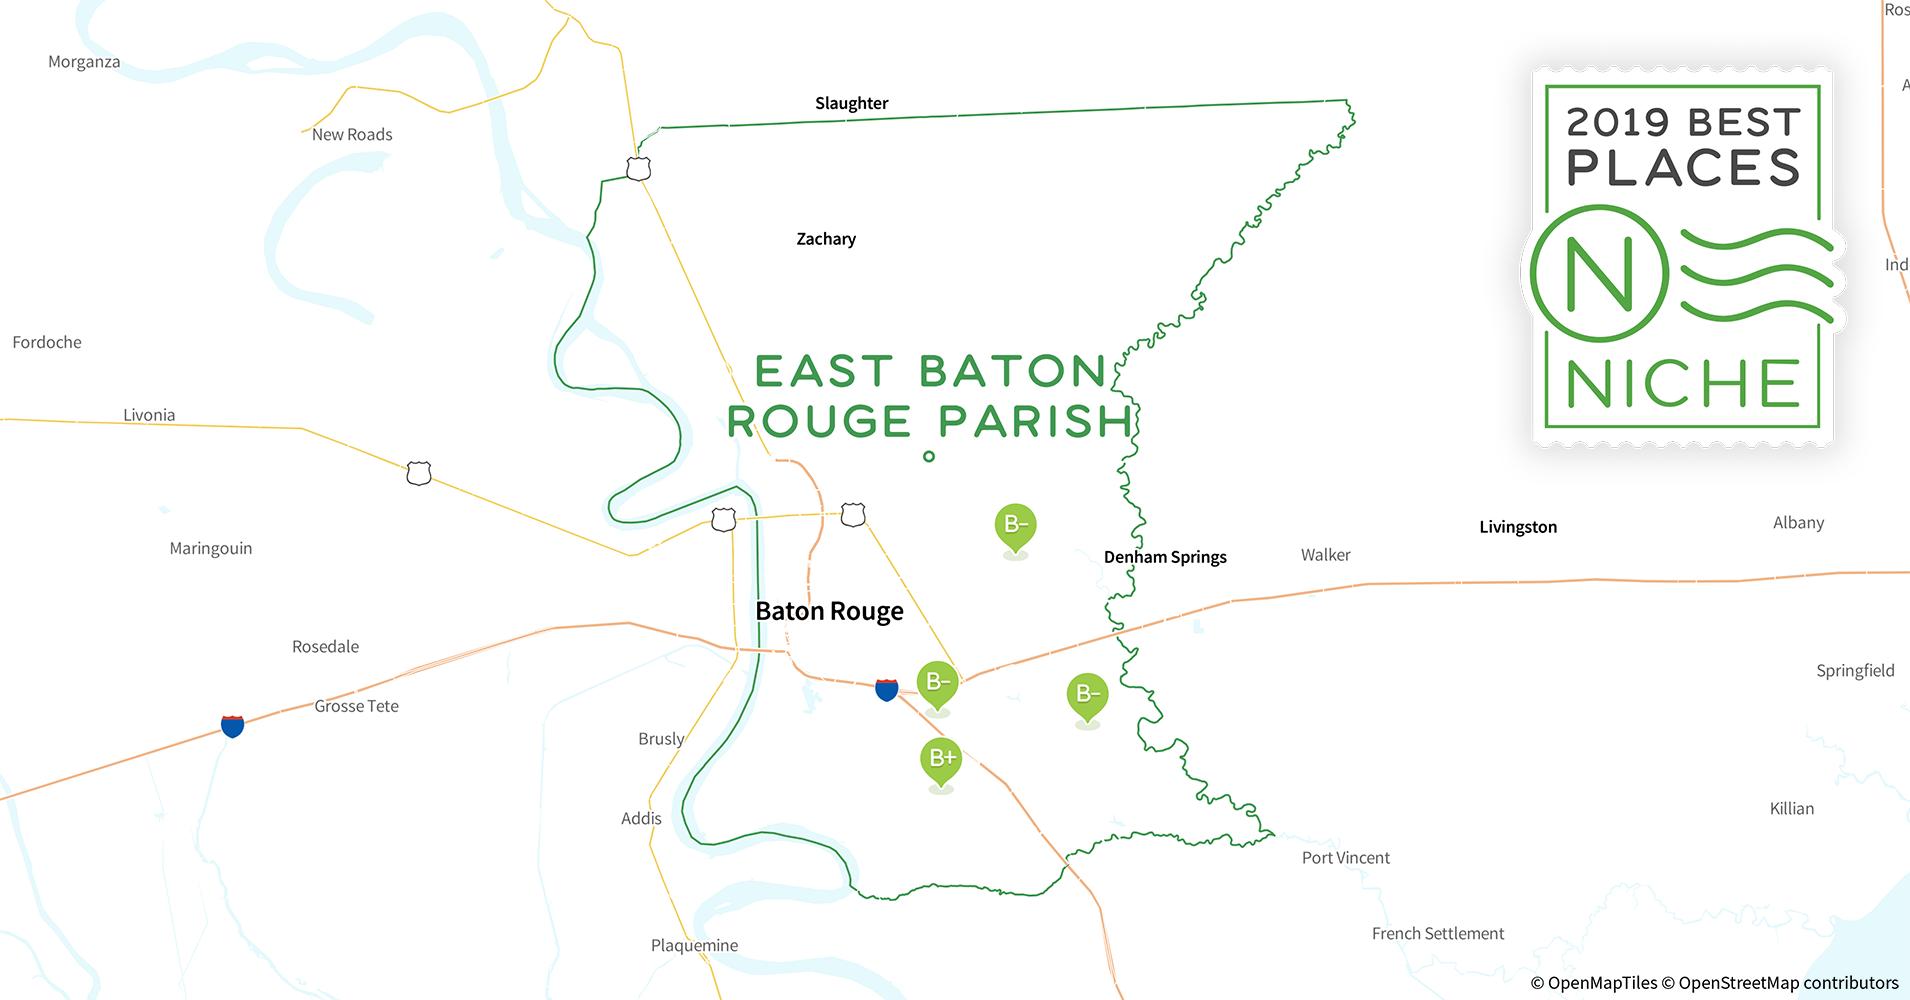 2019 Best Places to Live in East Baton Rouge Parish, LA - Niche